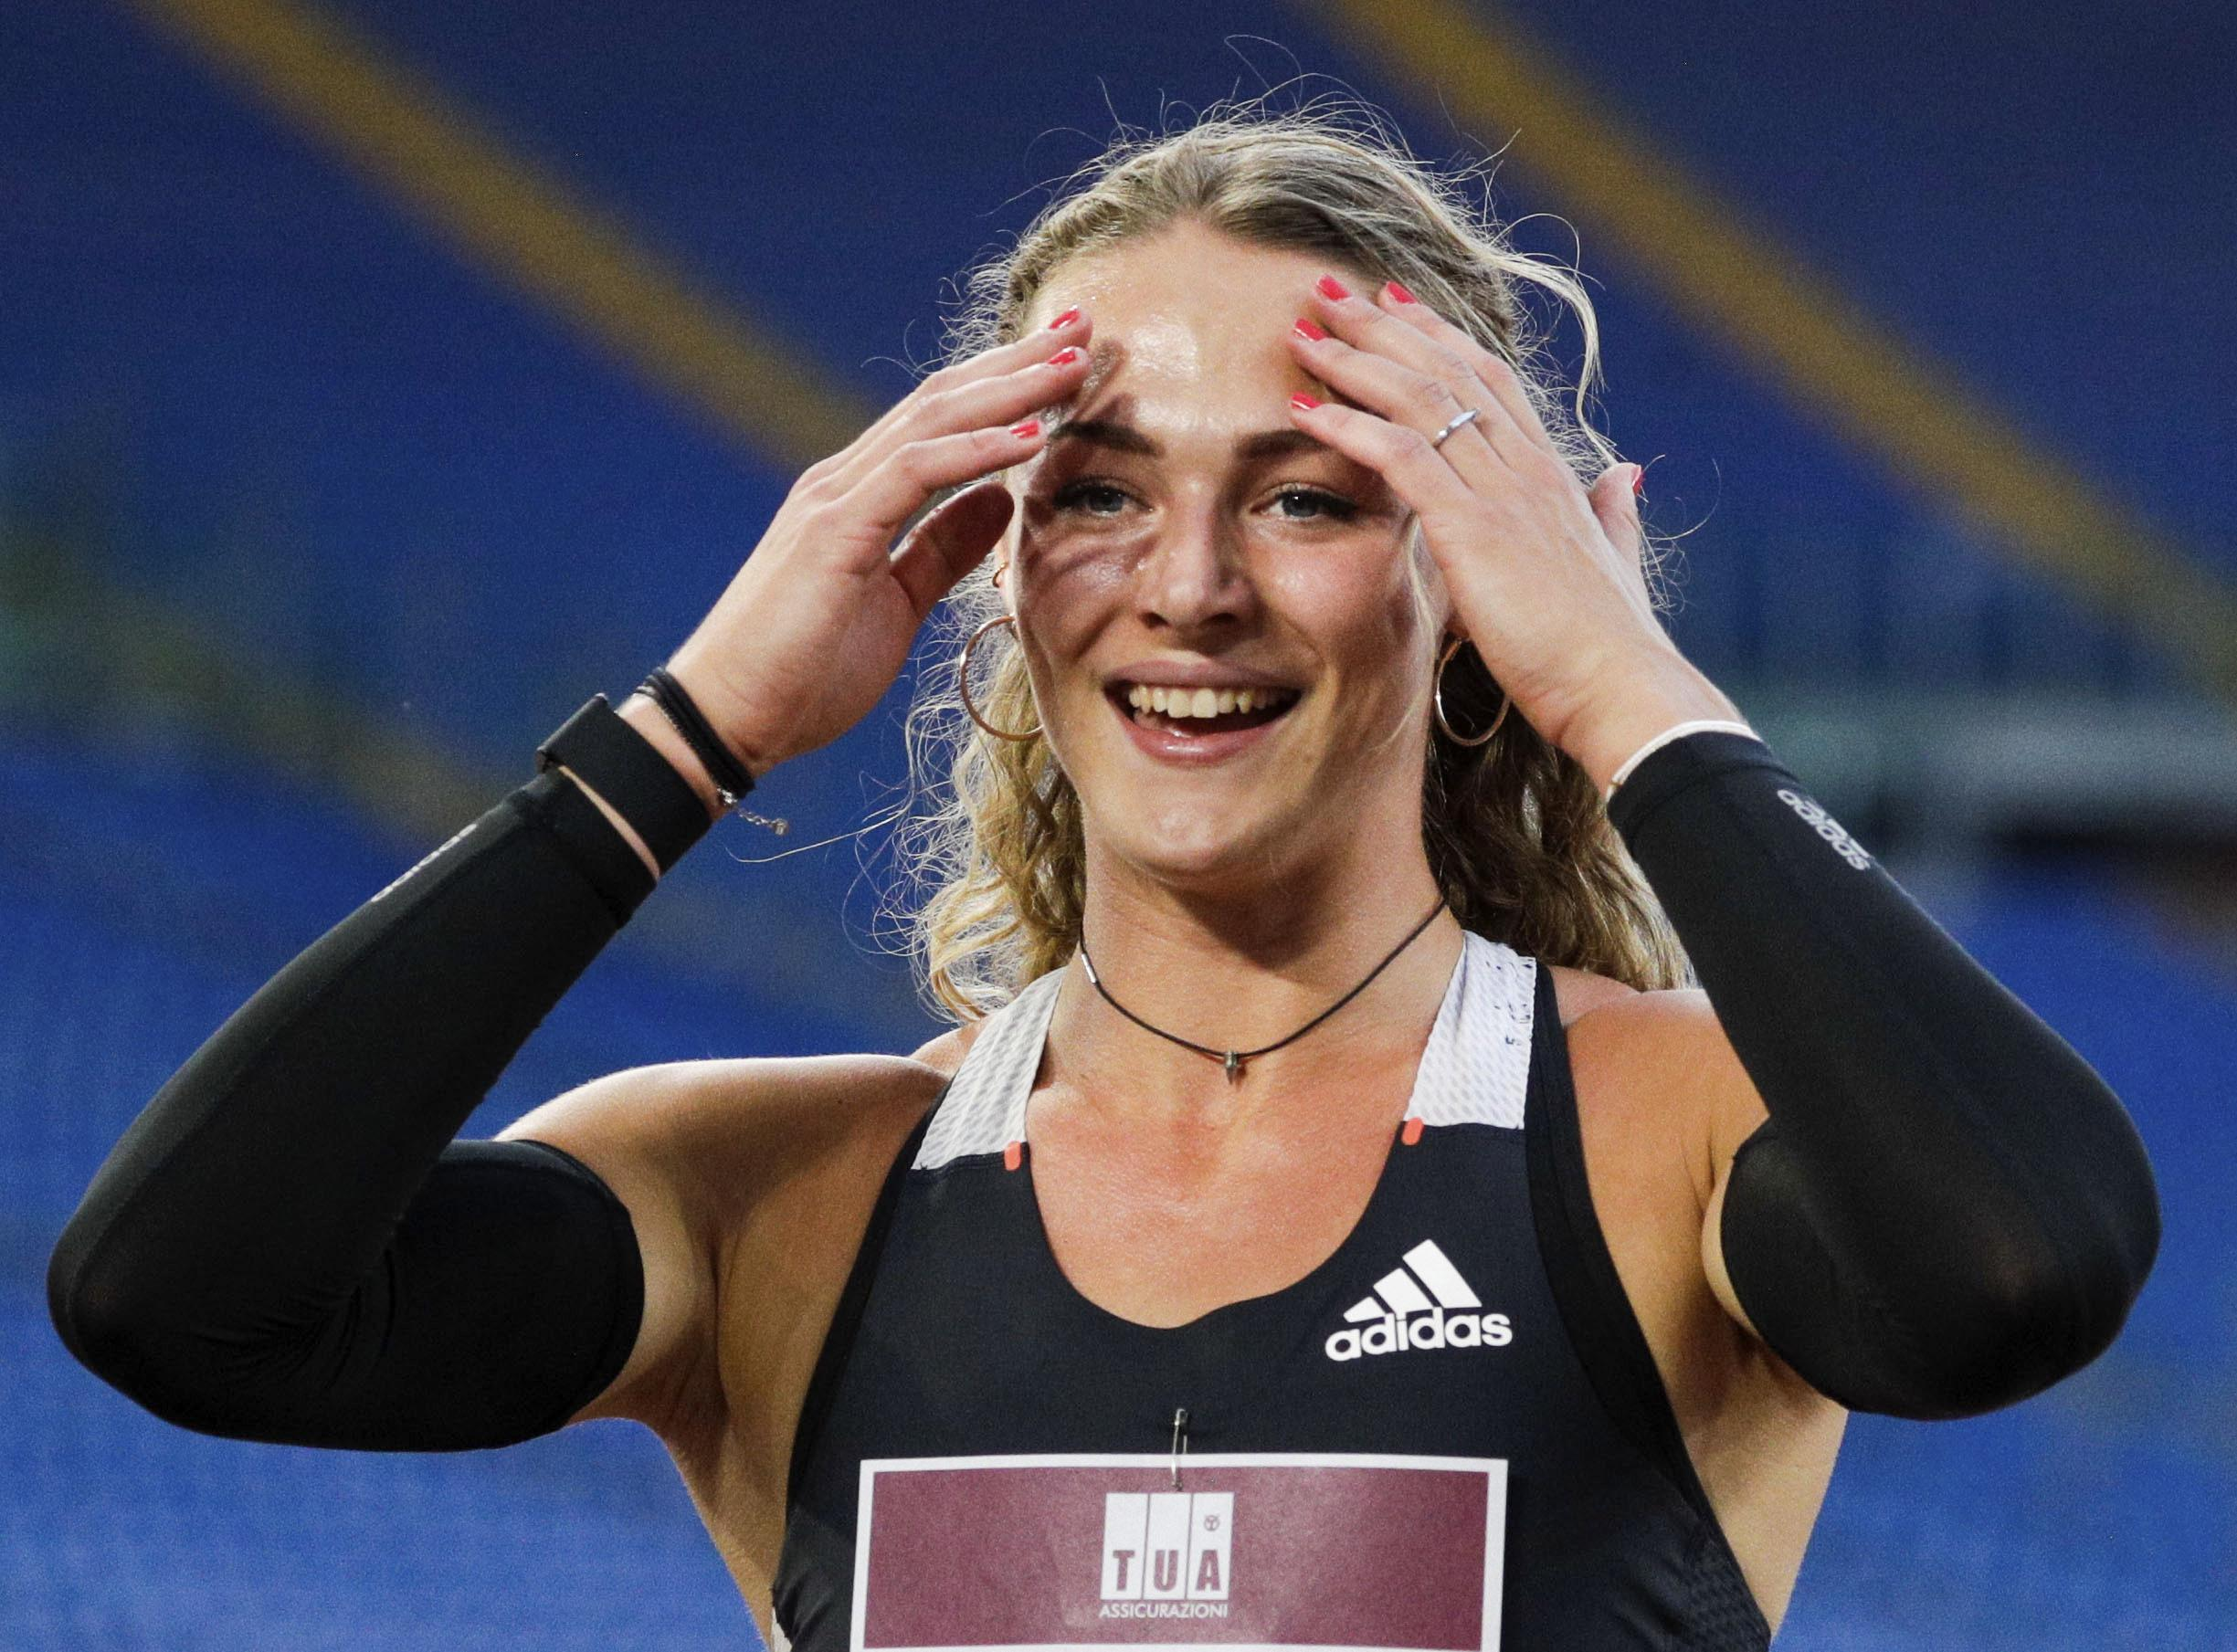 Enkhuizense Lieke Klaver wint 400 meter in Diamond League. 'Heb ik dit gedaan?, dacht ik. Ik ben nu echt trots op mezelf' [video]